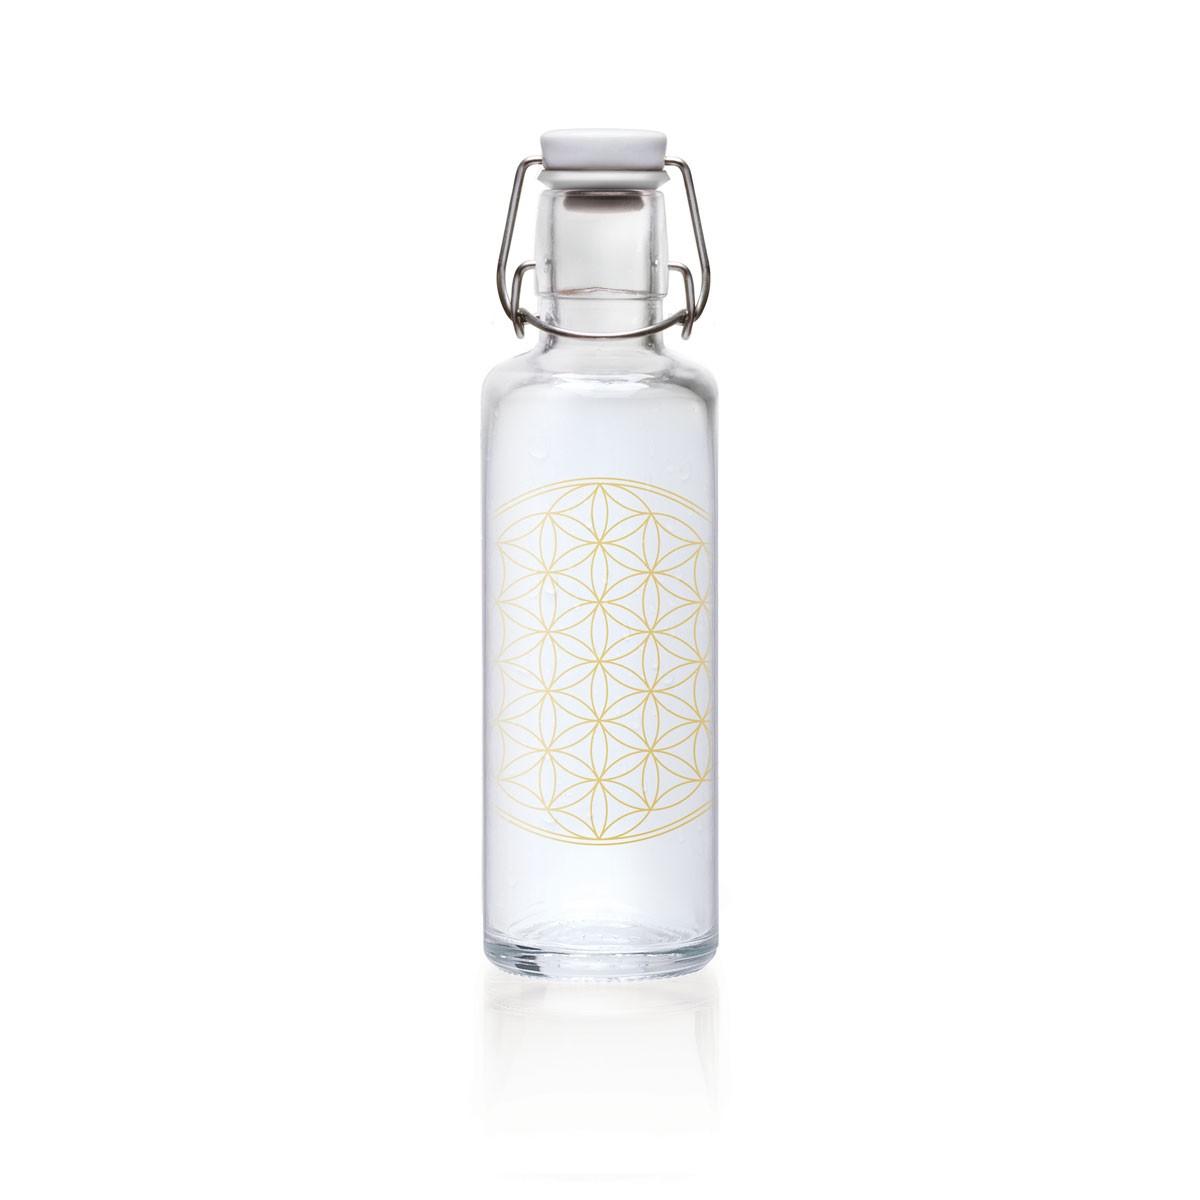 """soulbottle """"Flower of Life"""" 0,6 Liter - Trinkflasche aus Glas von soulbottles"""